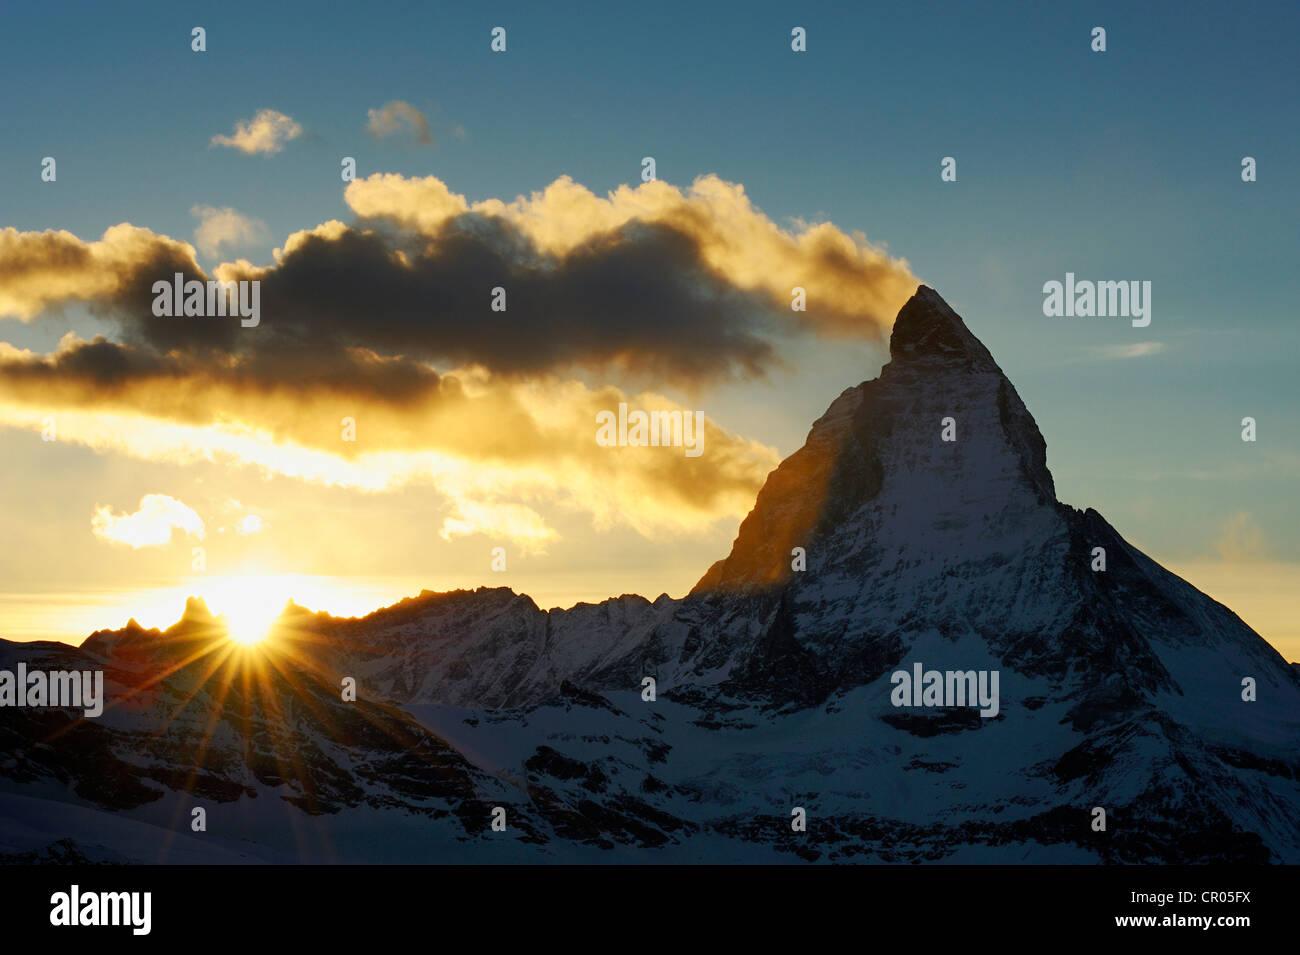 Mt. Au coucher du soleil, le Mont Cervin Zermatt, Valais, Suisse, Europe Banque D'Images